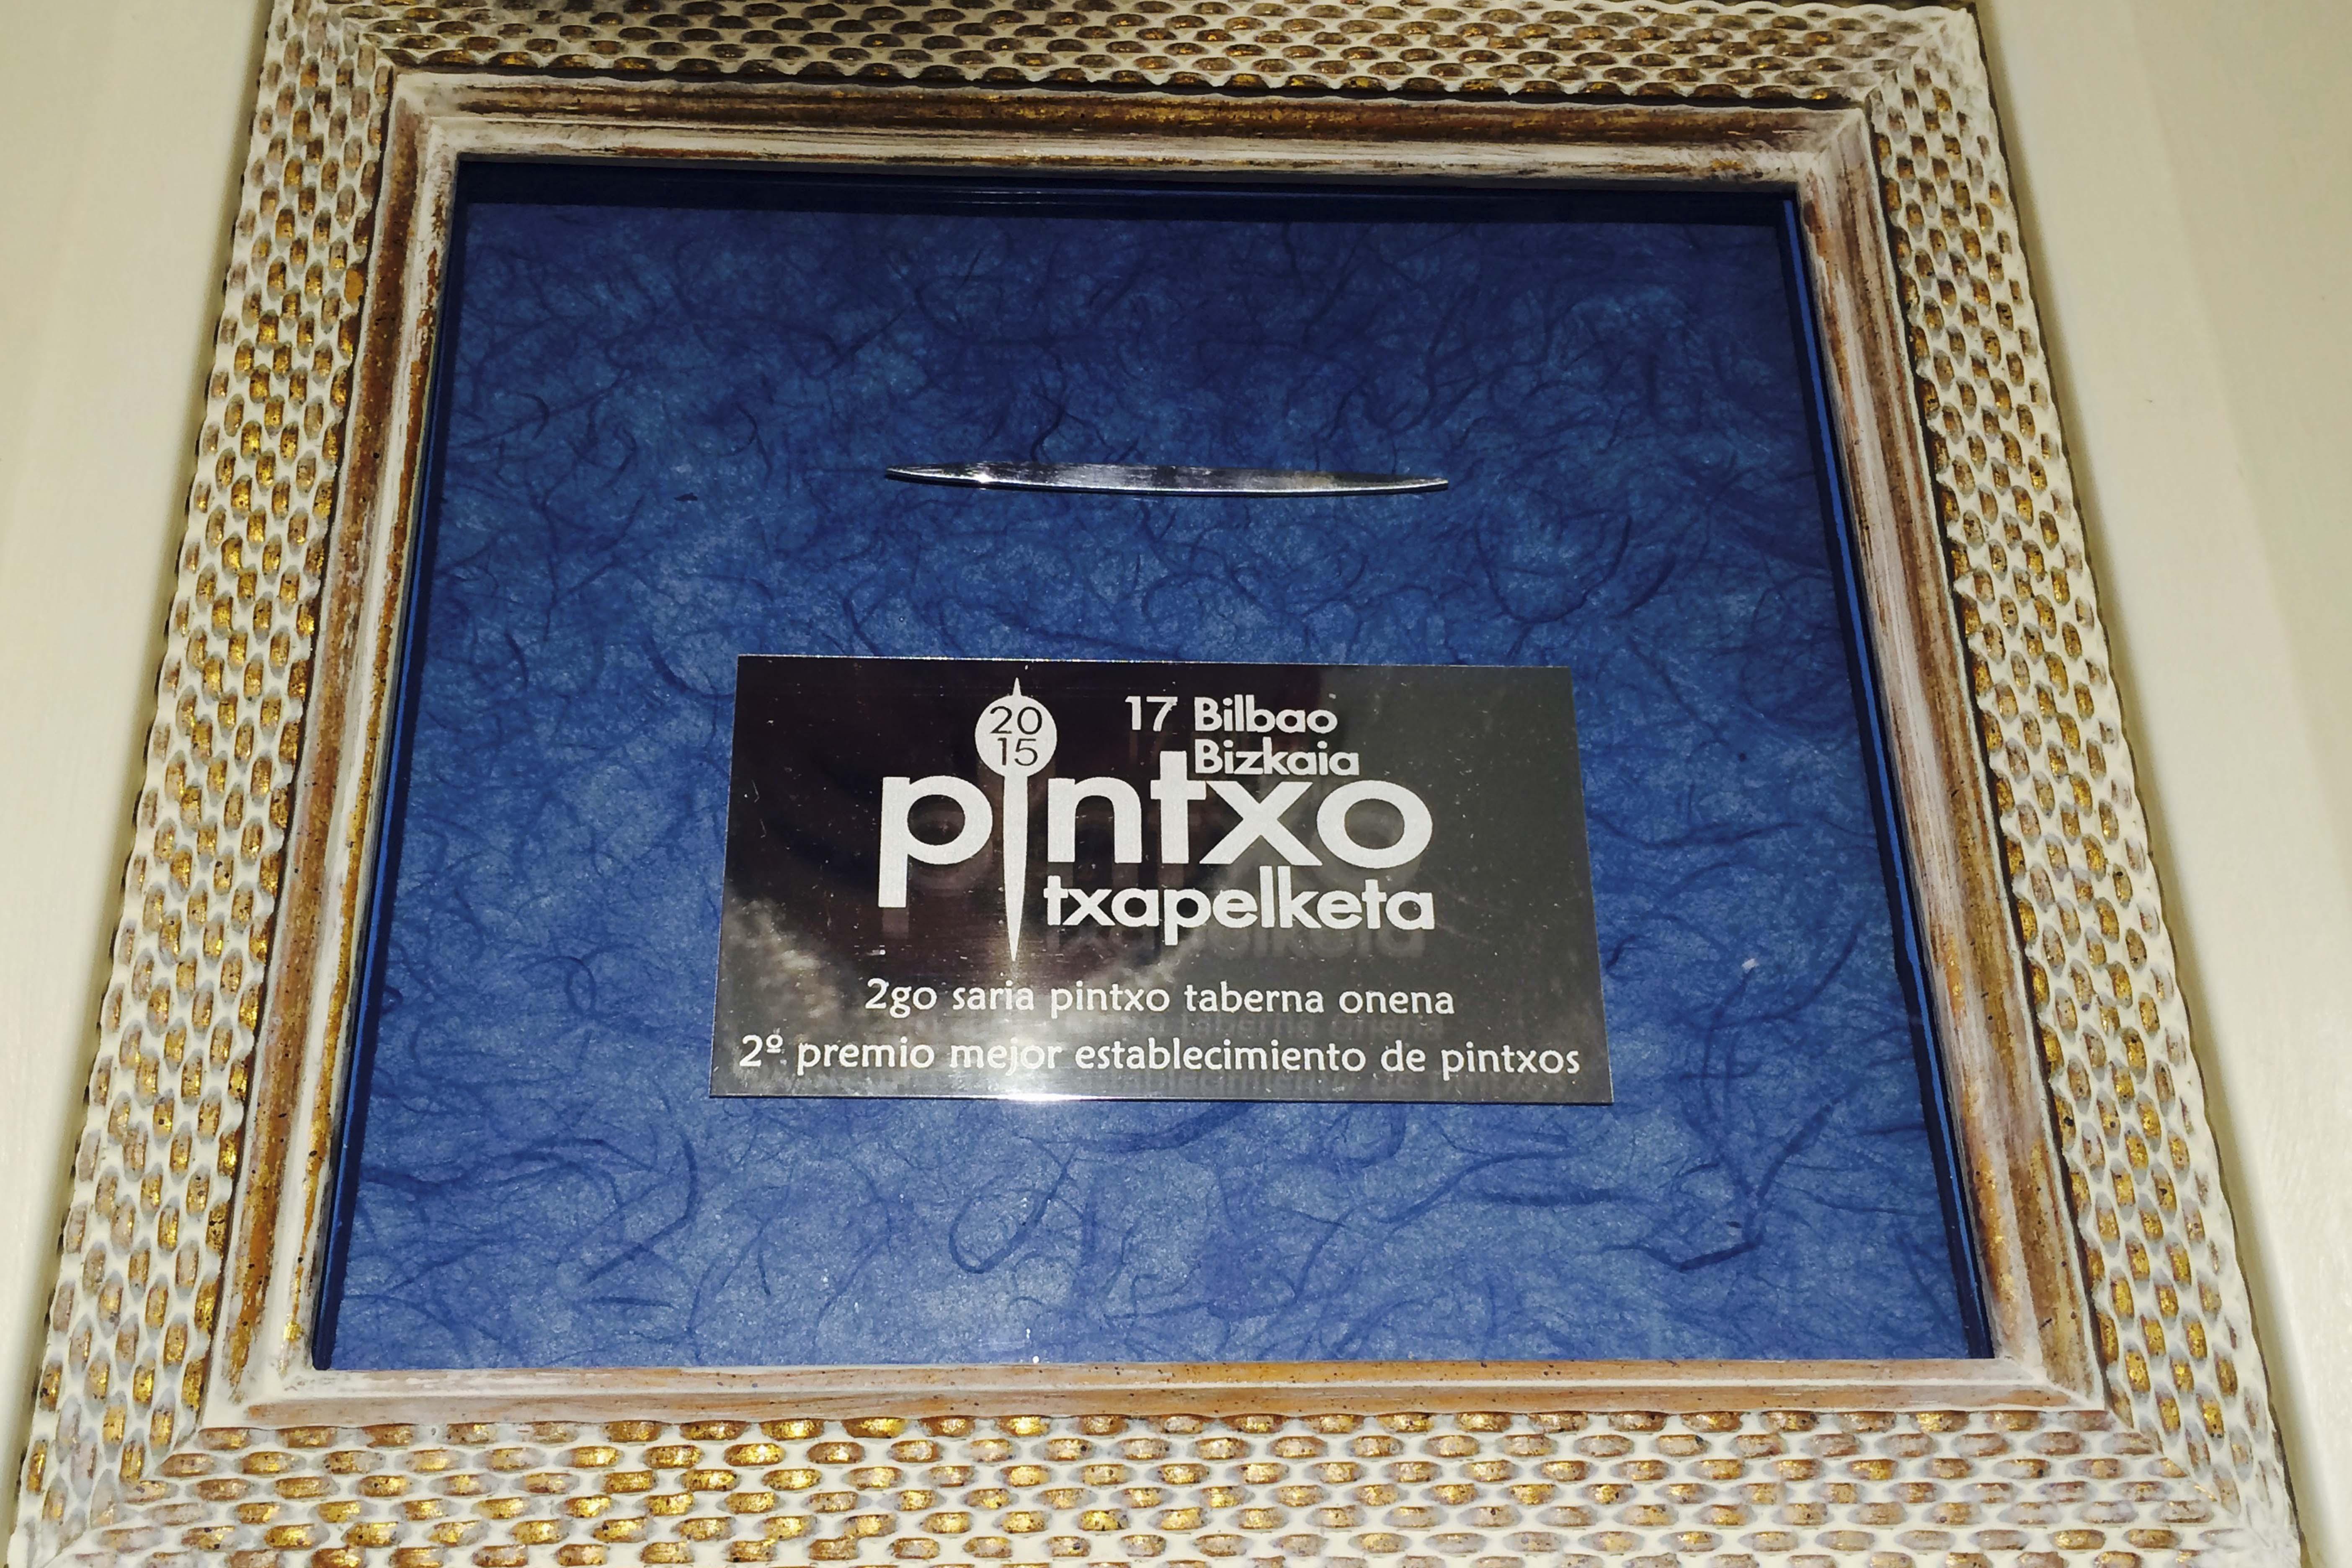 Palillo de Plata al mejor establecimiento de pintxos de Bilbao